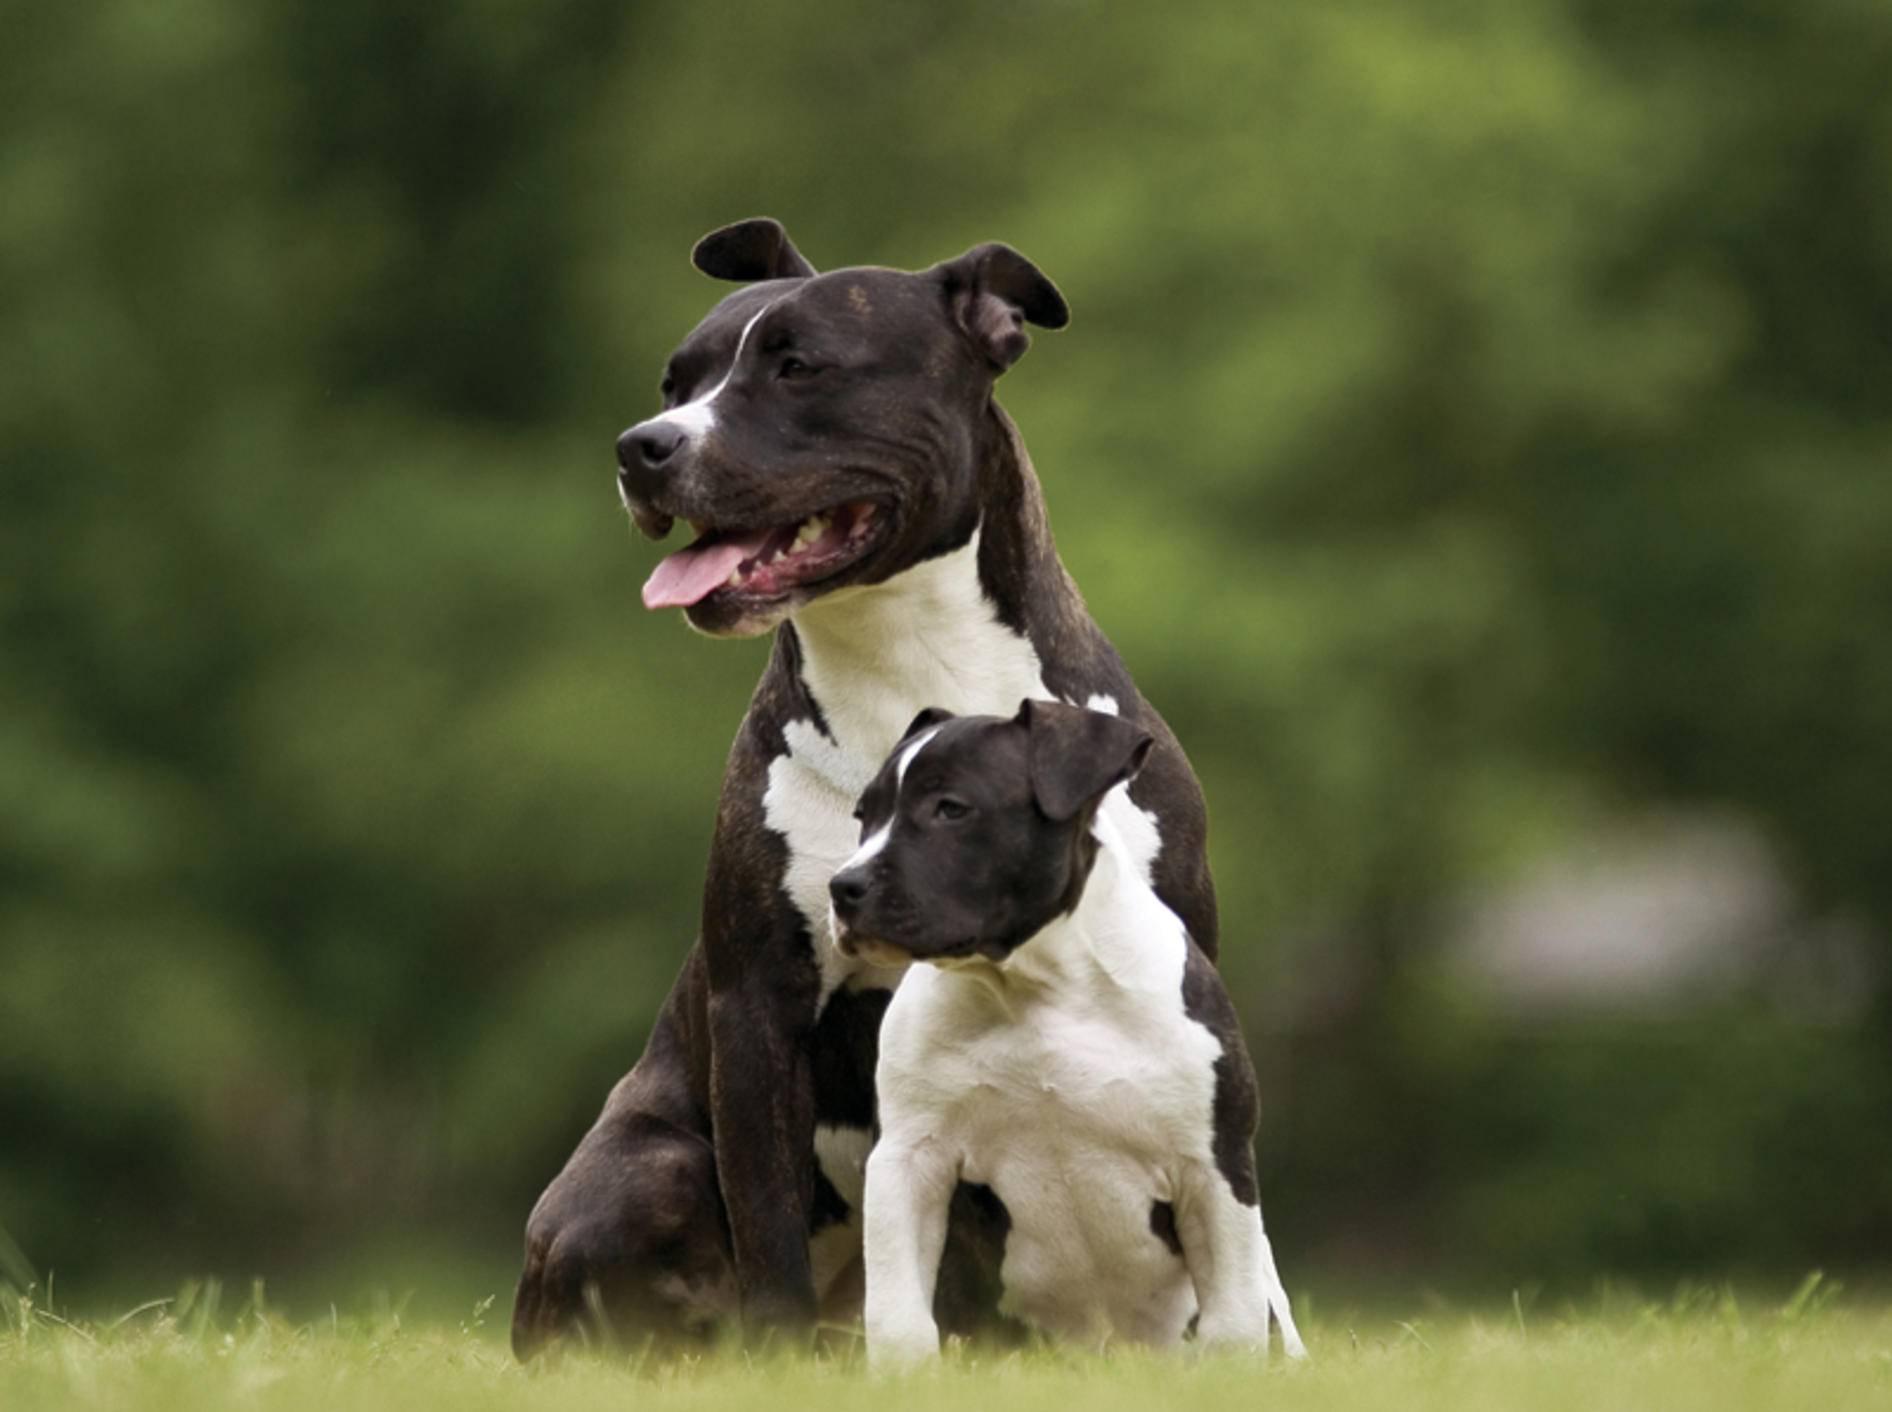 Mama Pitbull passt gut auf den süßen kleinen Welpen auf – Shutterstock / Jan-de Wild